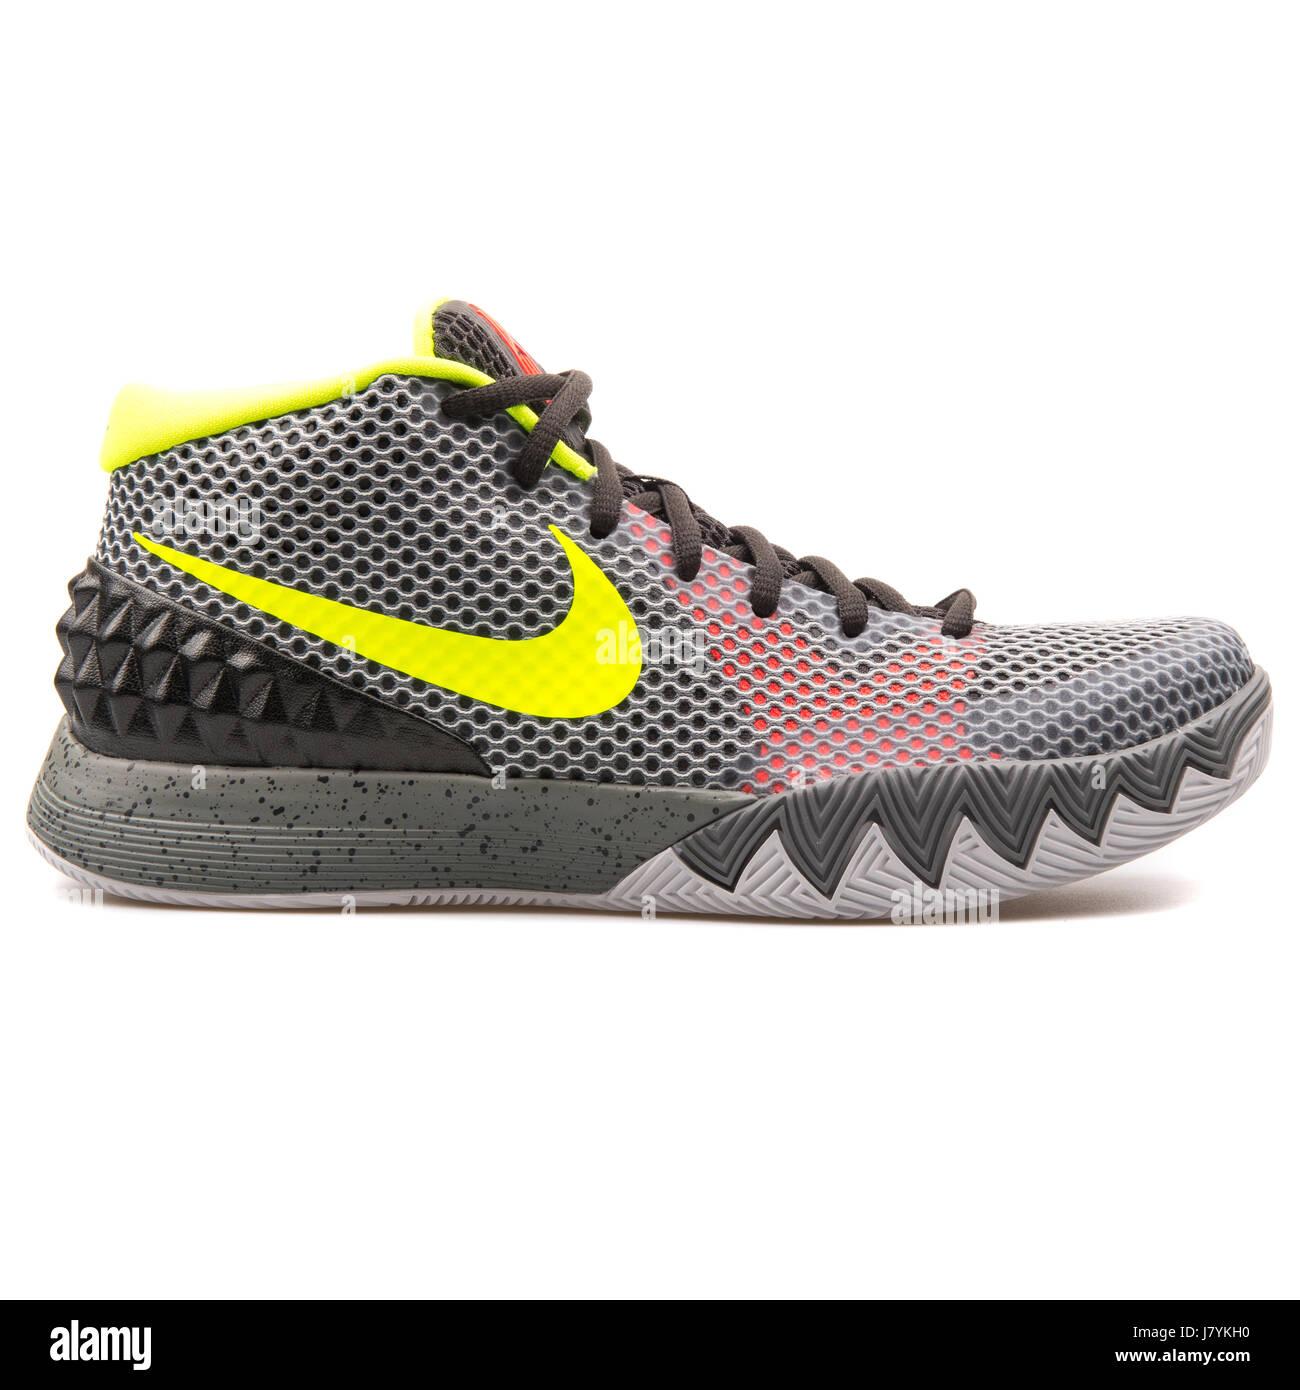 25f668a125ad6 Nike Kyrie 1 hombres gris zapatillas de baloncesto - 705277-270 Imagen De  Stock